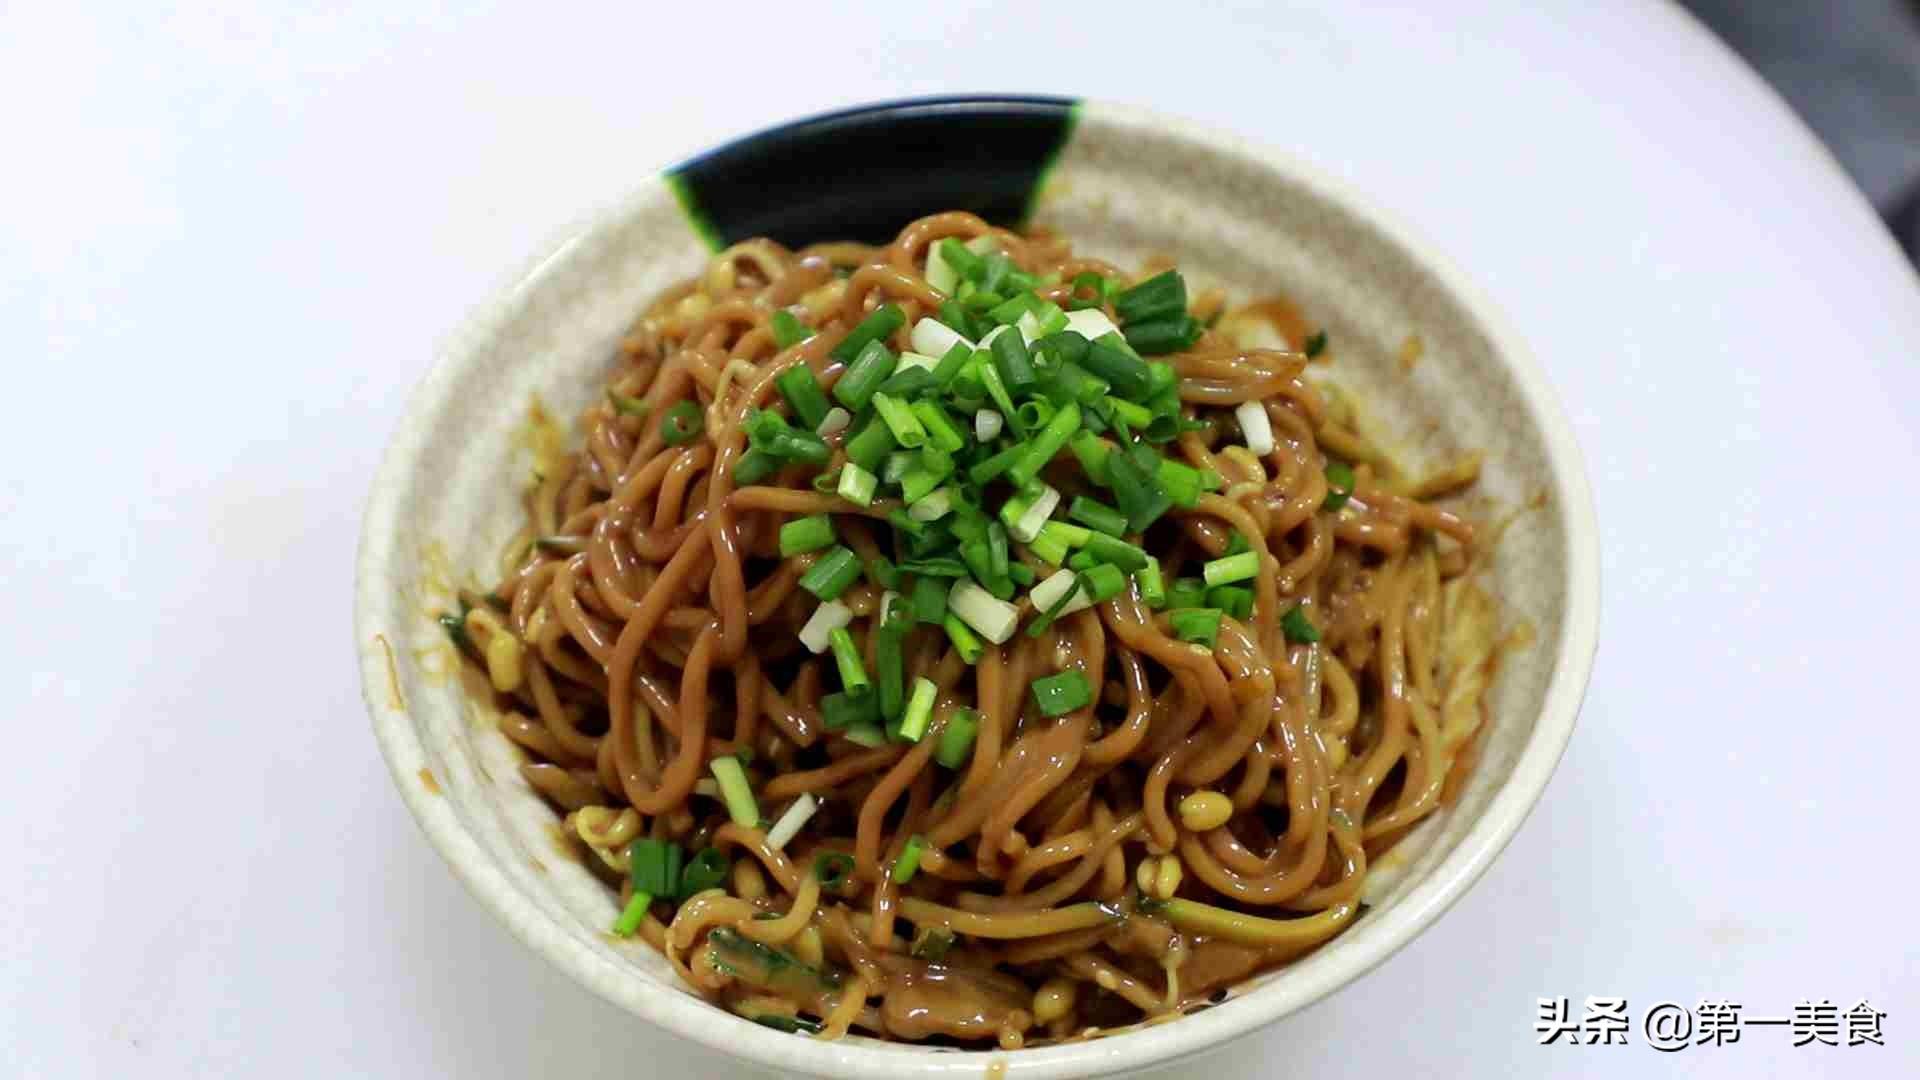 武汉热干面的做法,色泽油润味道鲜美 各地小吃 第4张